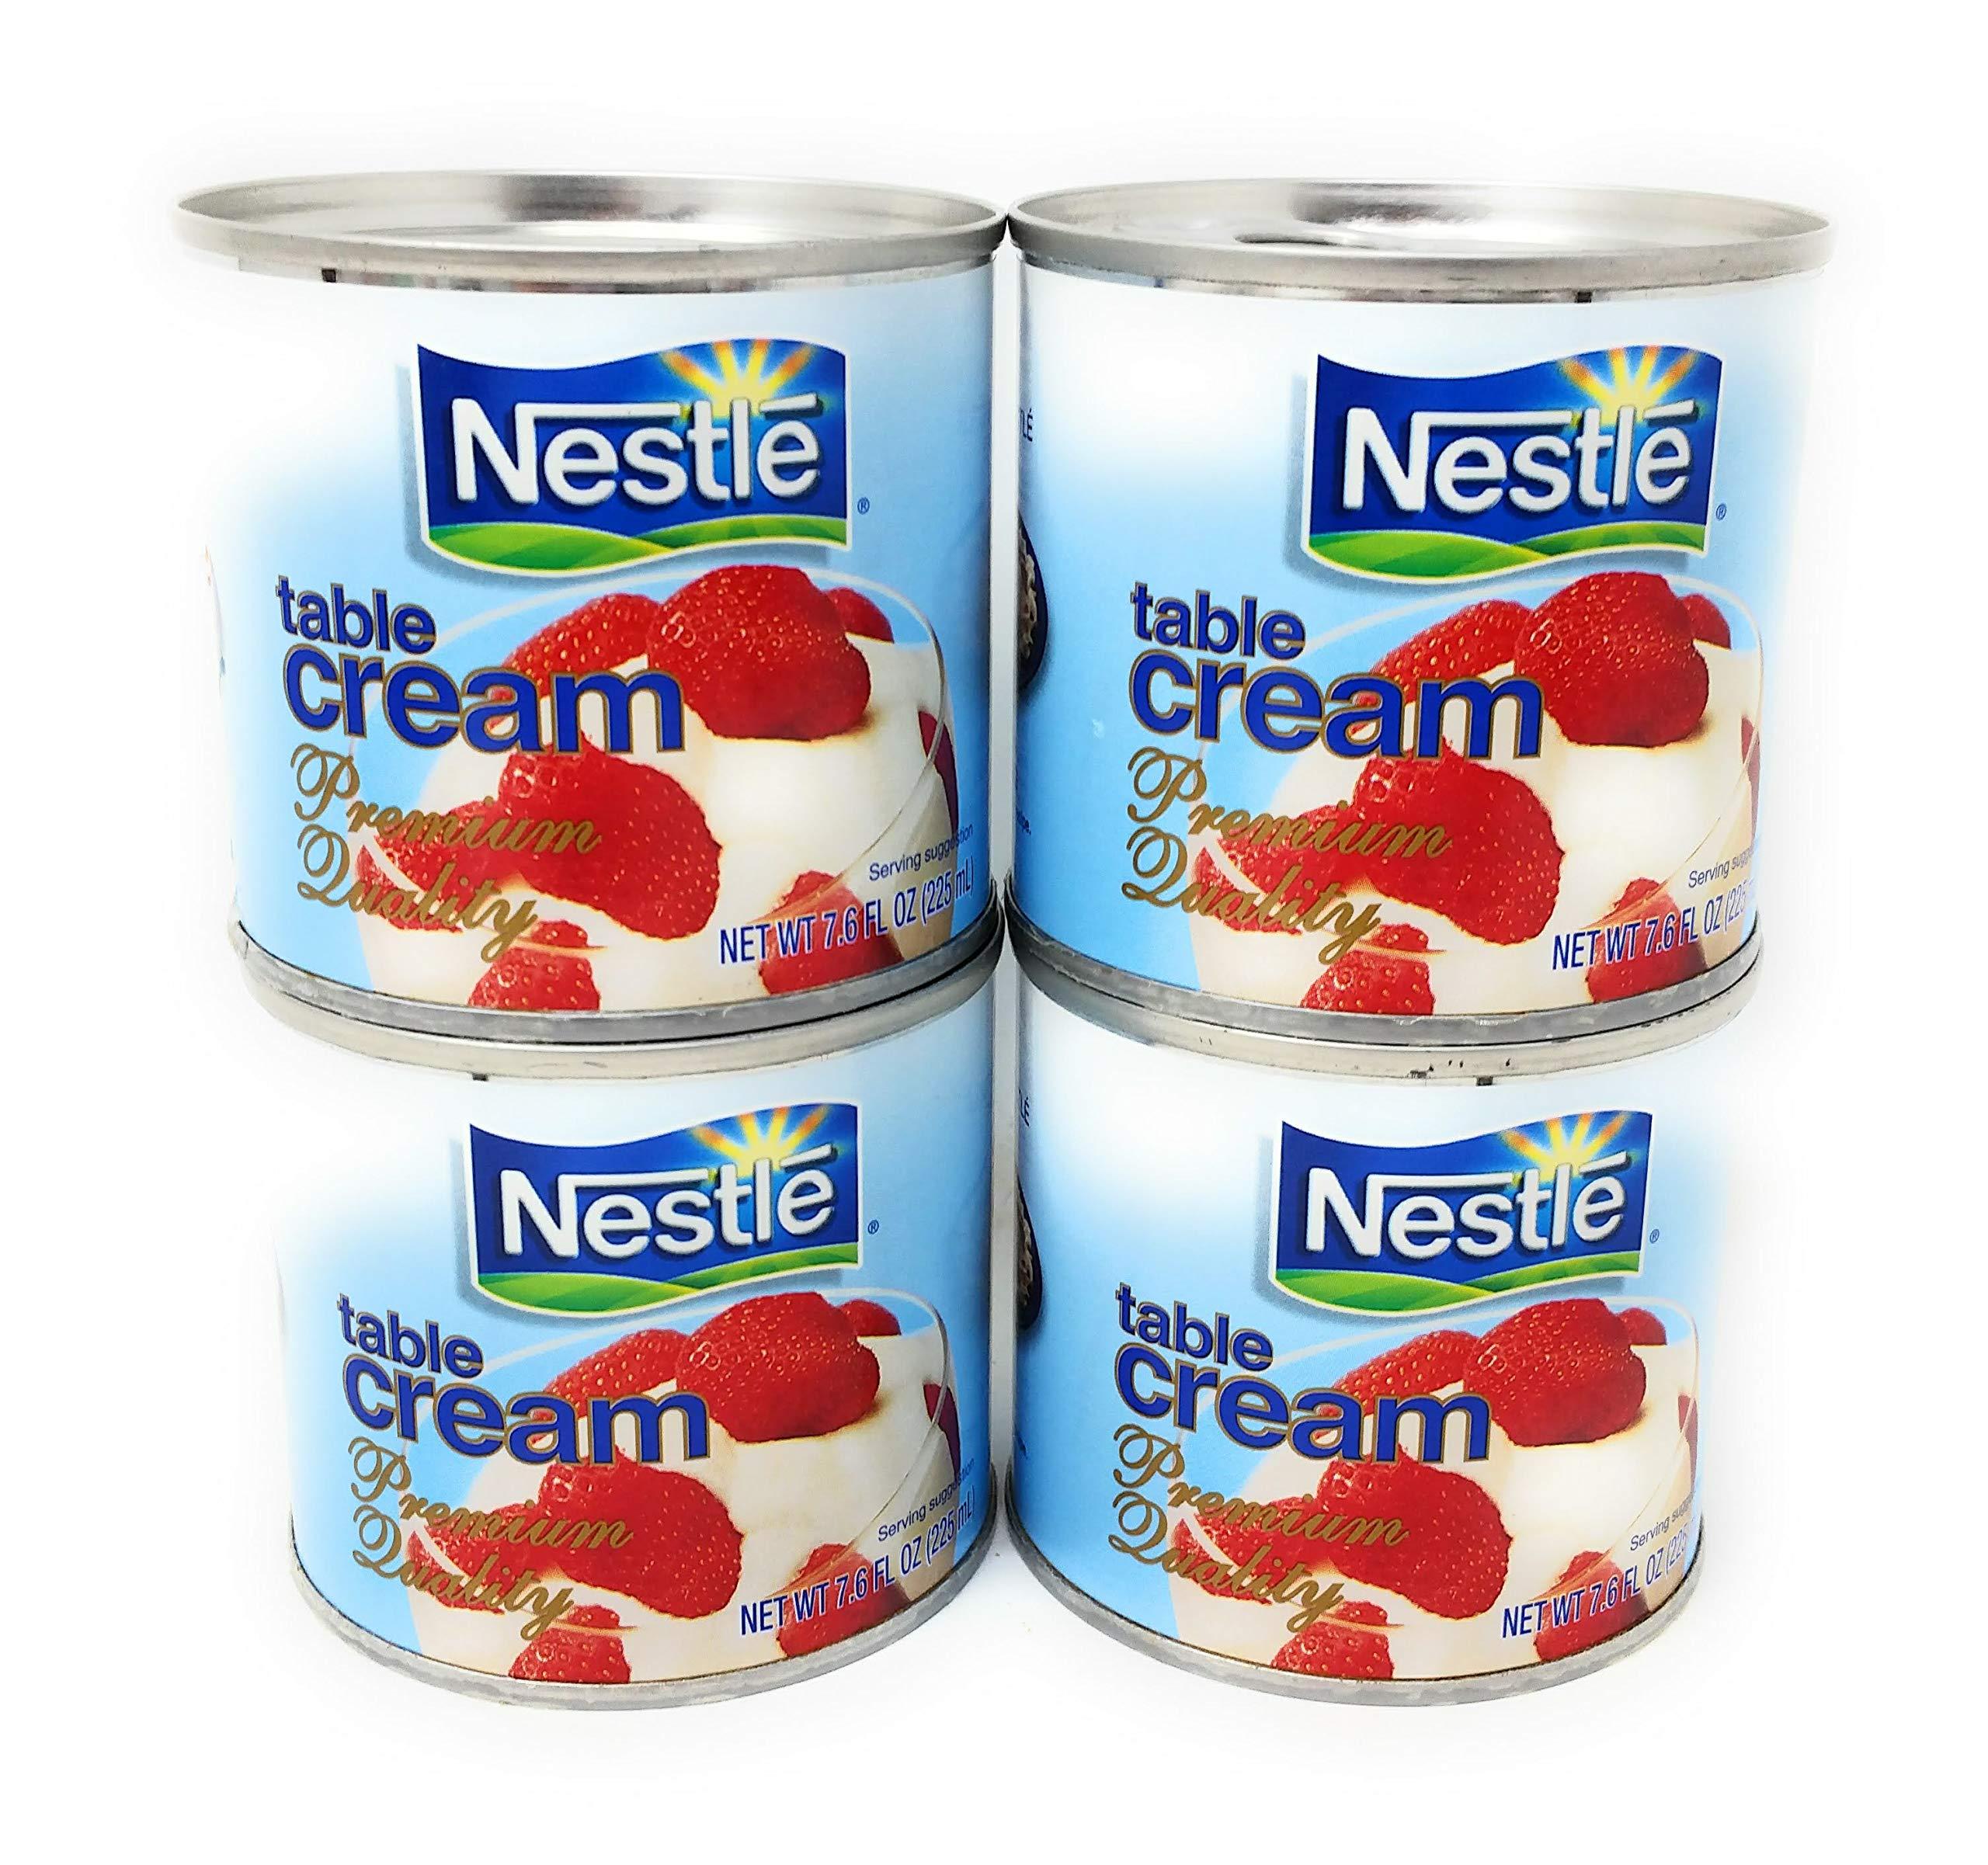 Nestle Table Cream, Net Wt. 7.6fl oz (225mL) per Can, 4 Pack